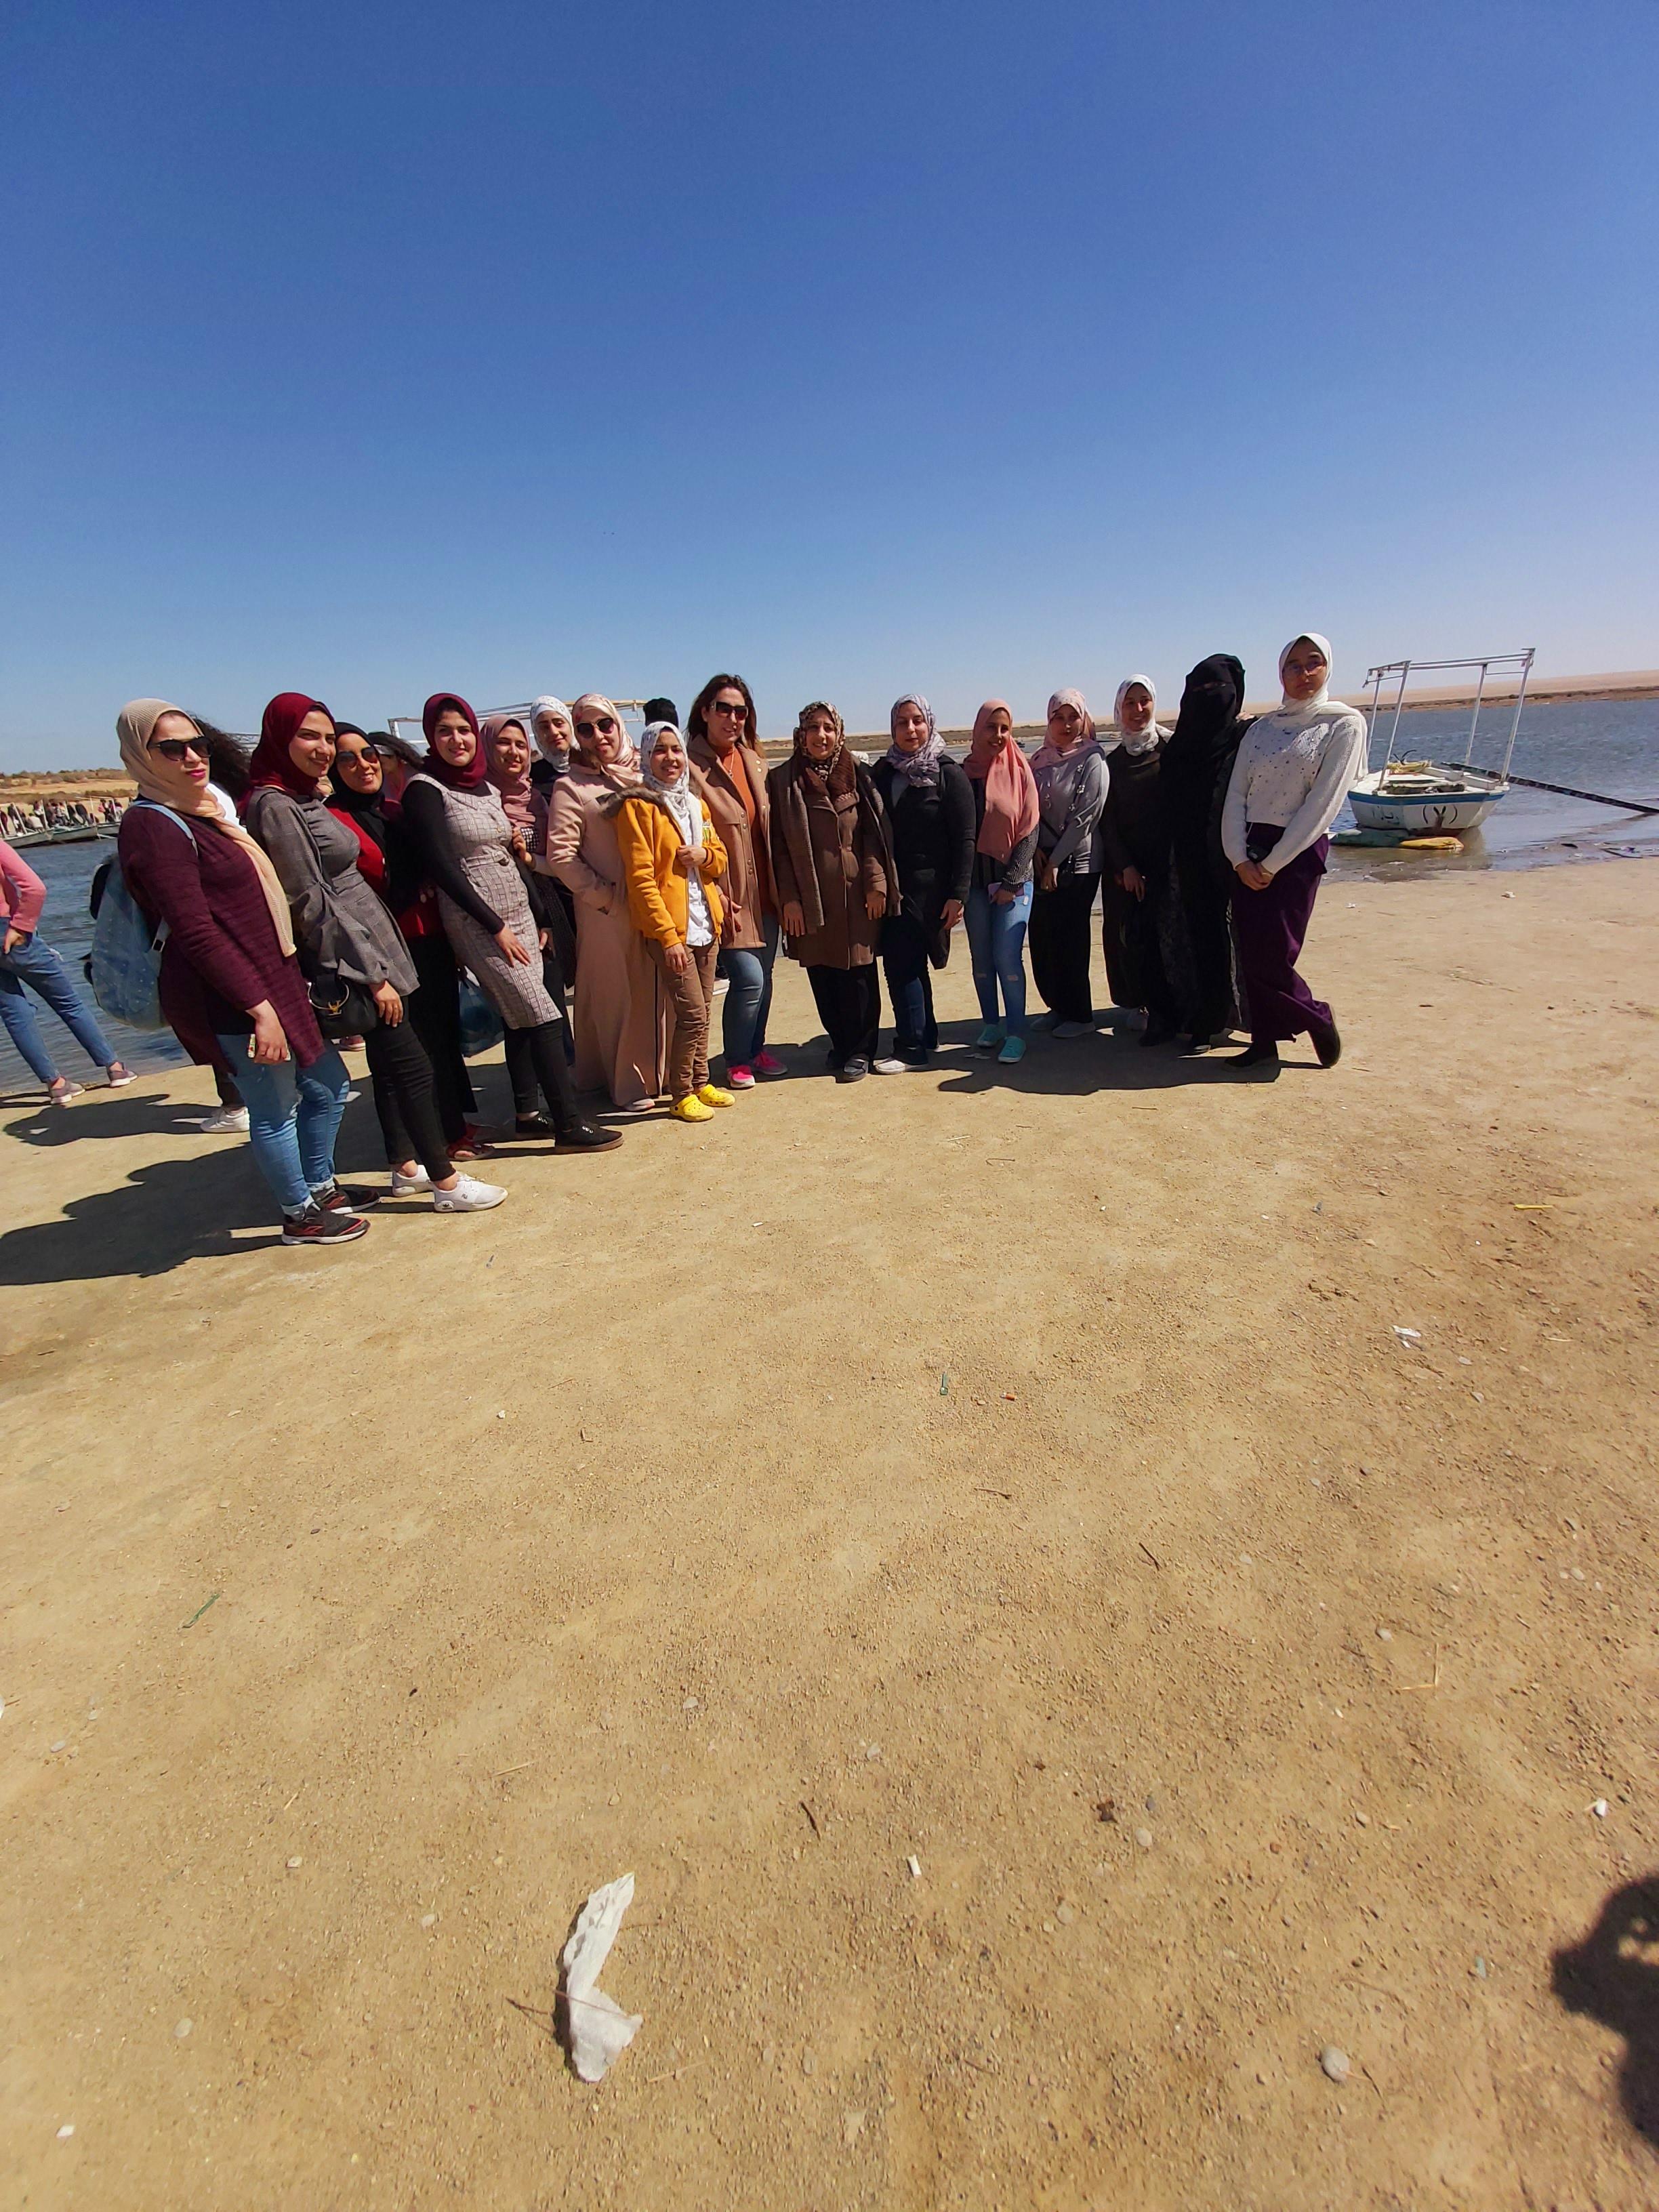 اللجنة الاجتماعية بأتحاد طالبات الكلية تنظم رحلة الى مدينة الفيوم وشلالات وادى الريان ومول مصر والحسين